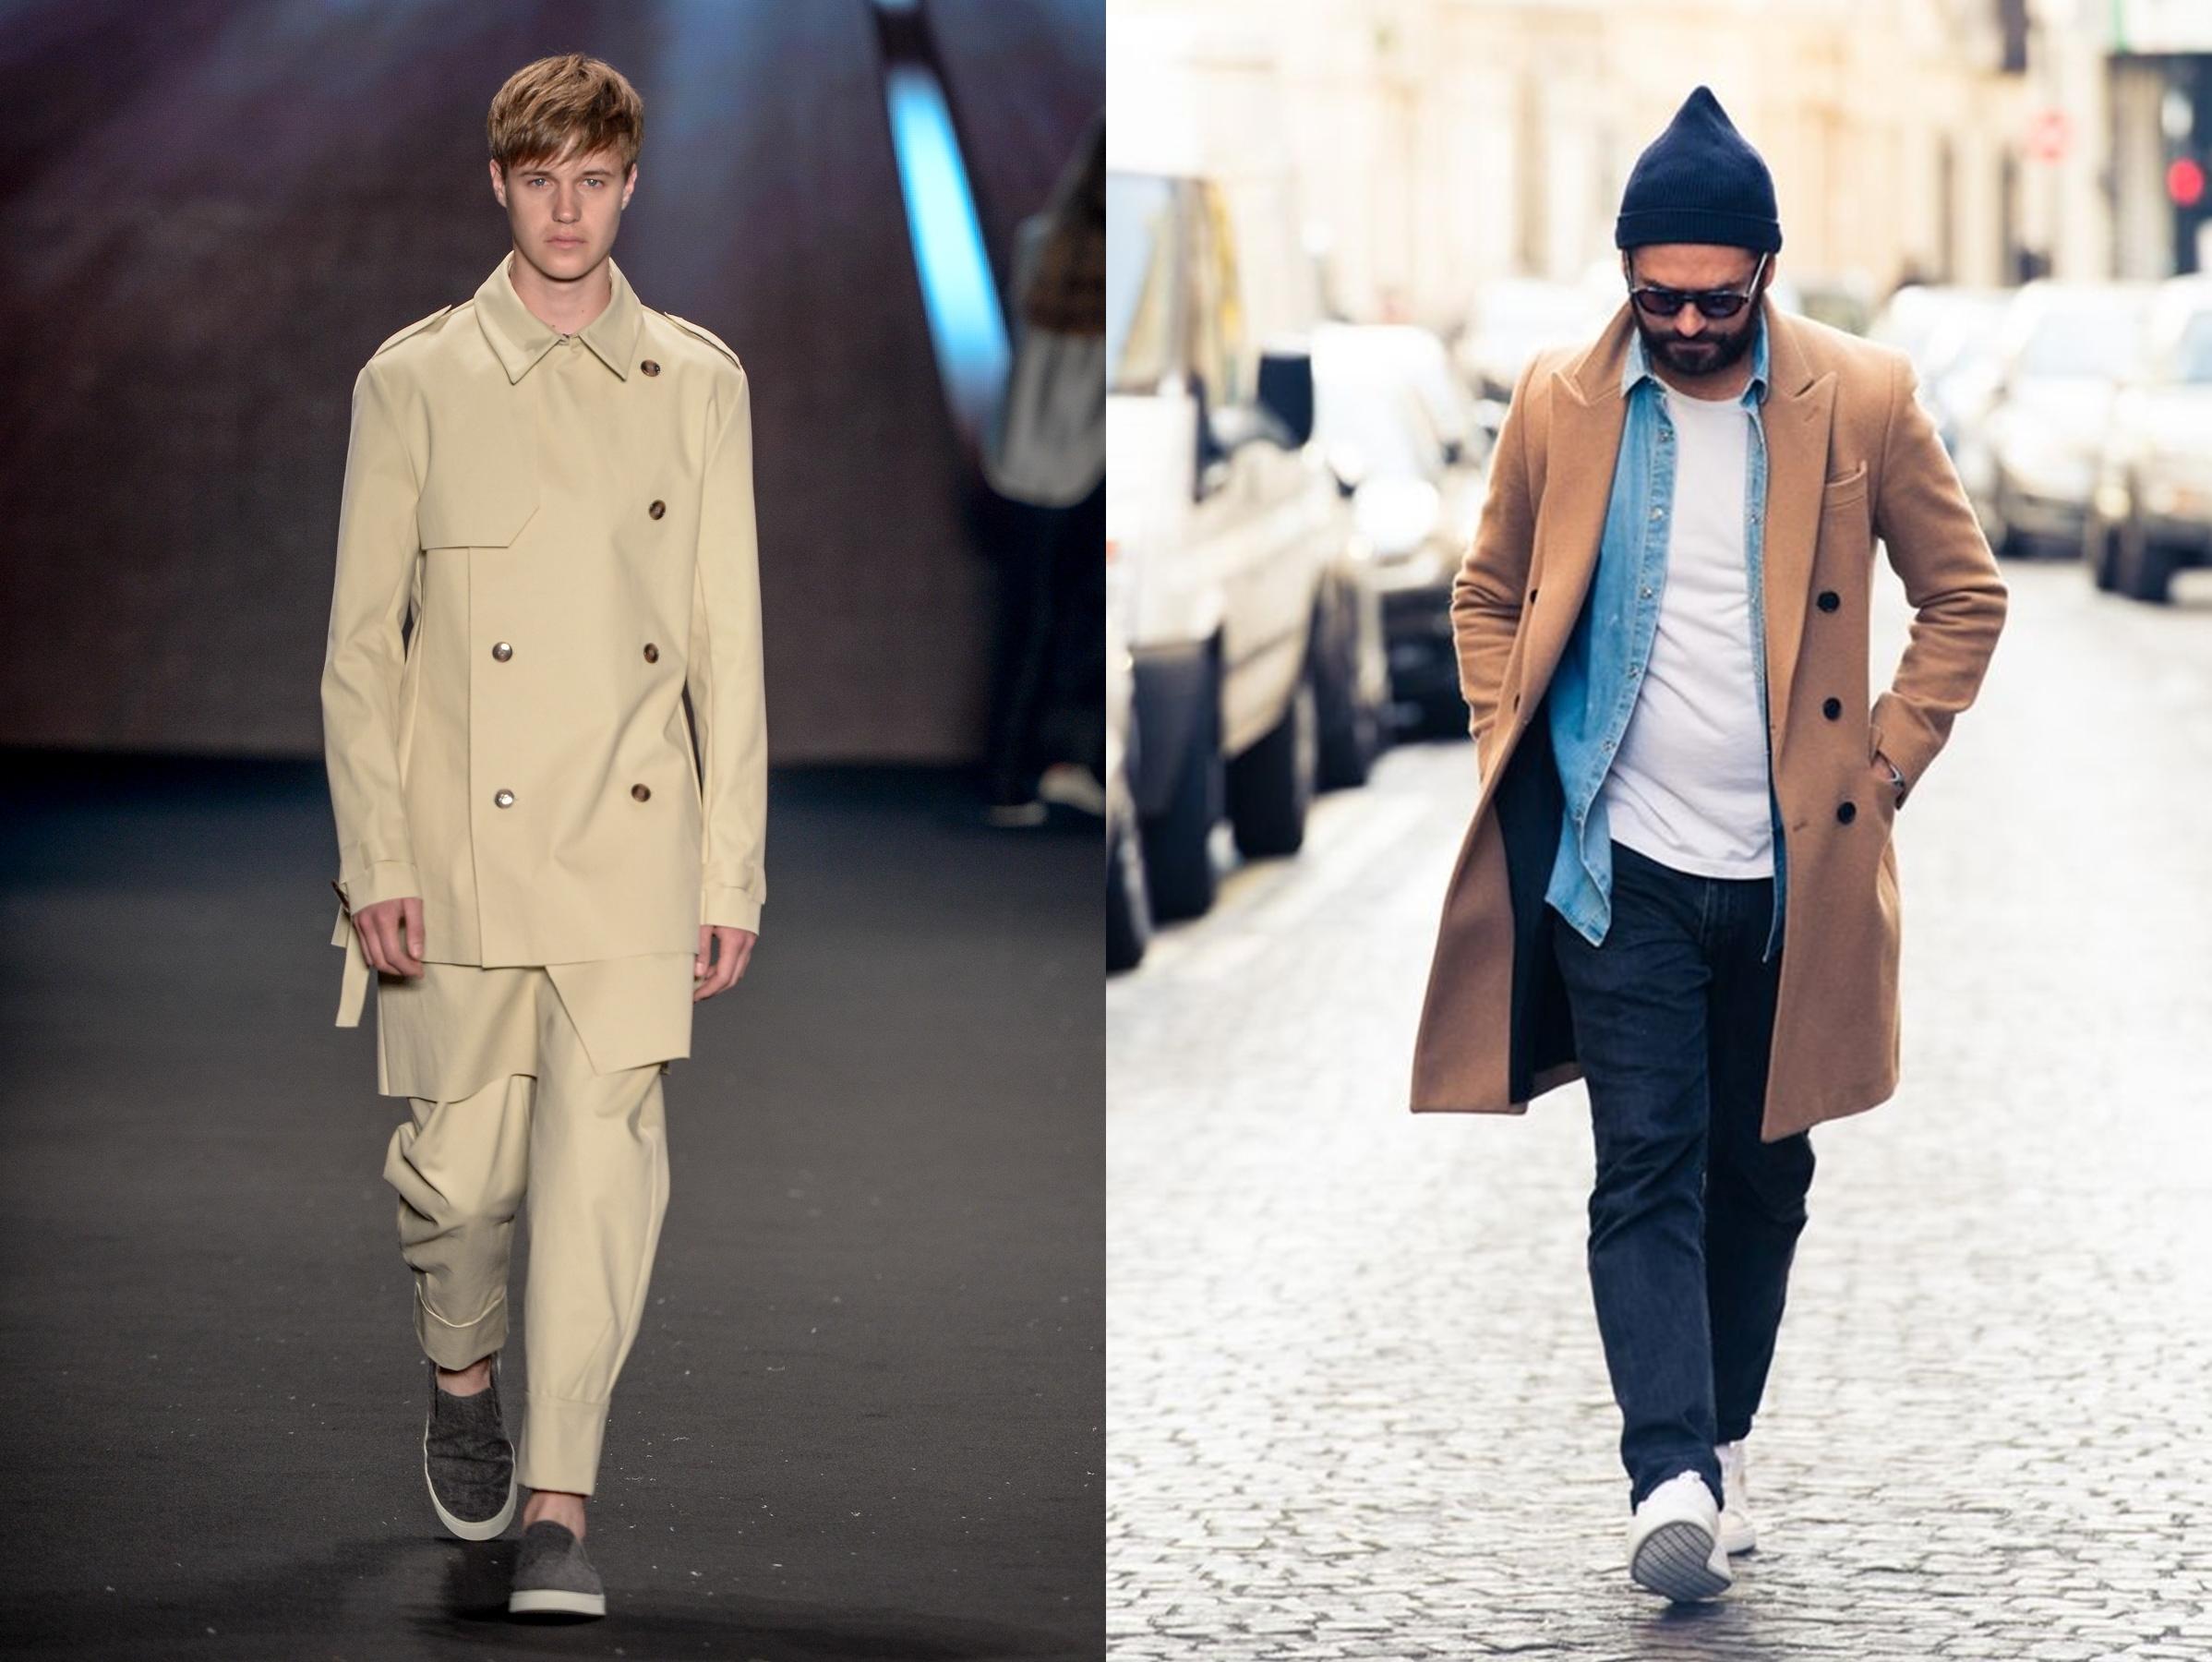 tendencia 2015, tendencia masculina, moda masculina, alex cursino, blog de moda, moda sem censura, trends, fashion tips, dicas de moda, dicas de estilo, style, mens, 7